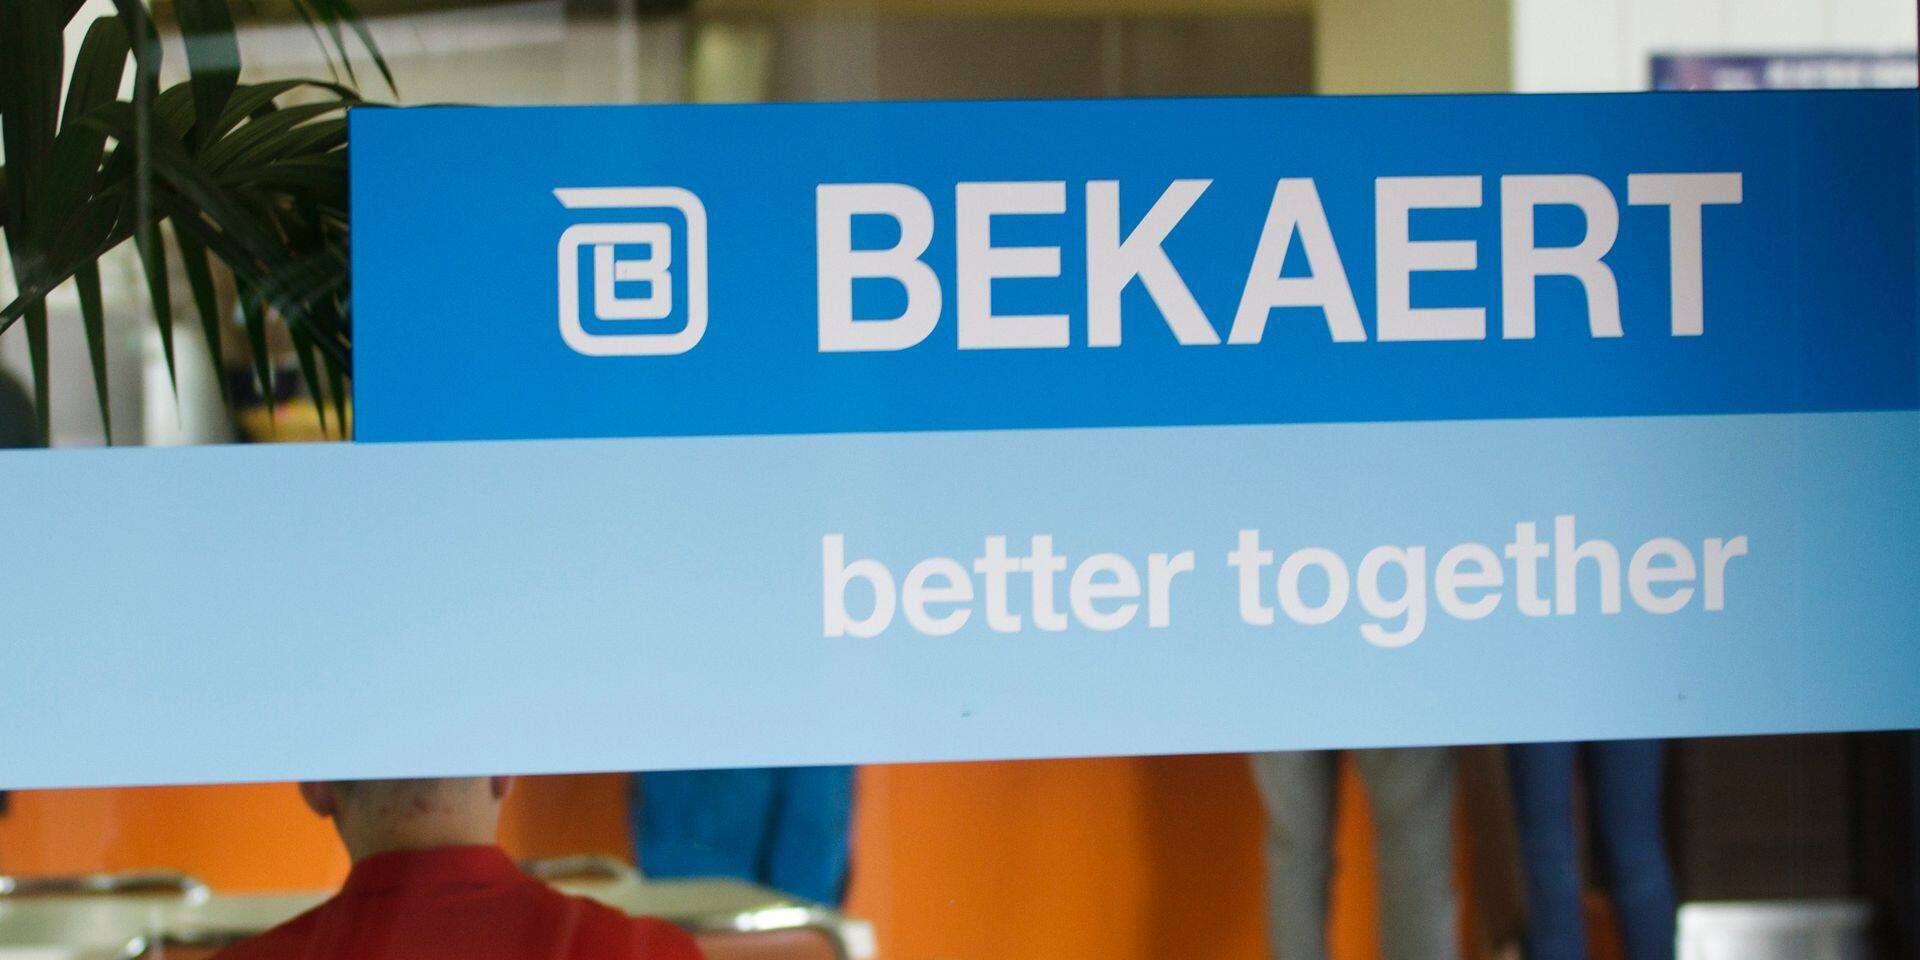 Bekaert émet des obligations destinées aux particuliers pour 200 millions d'euros